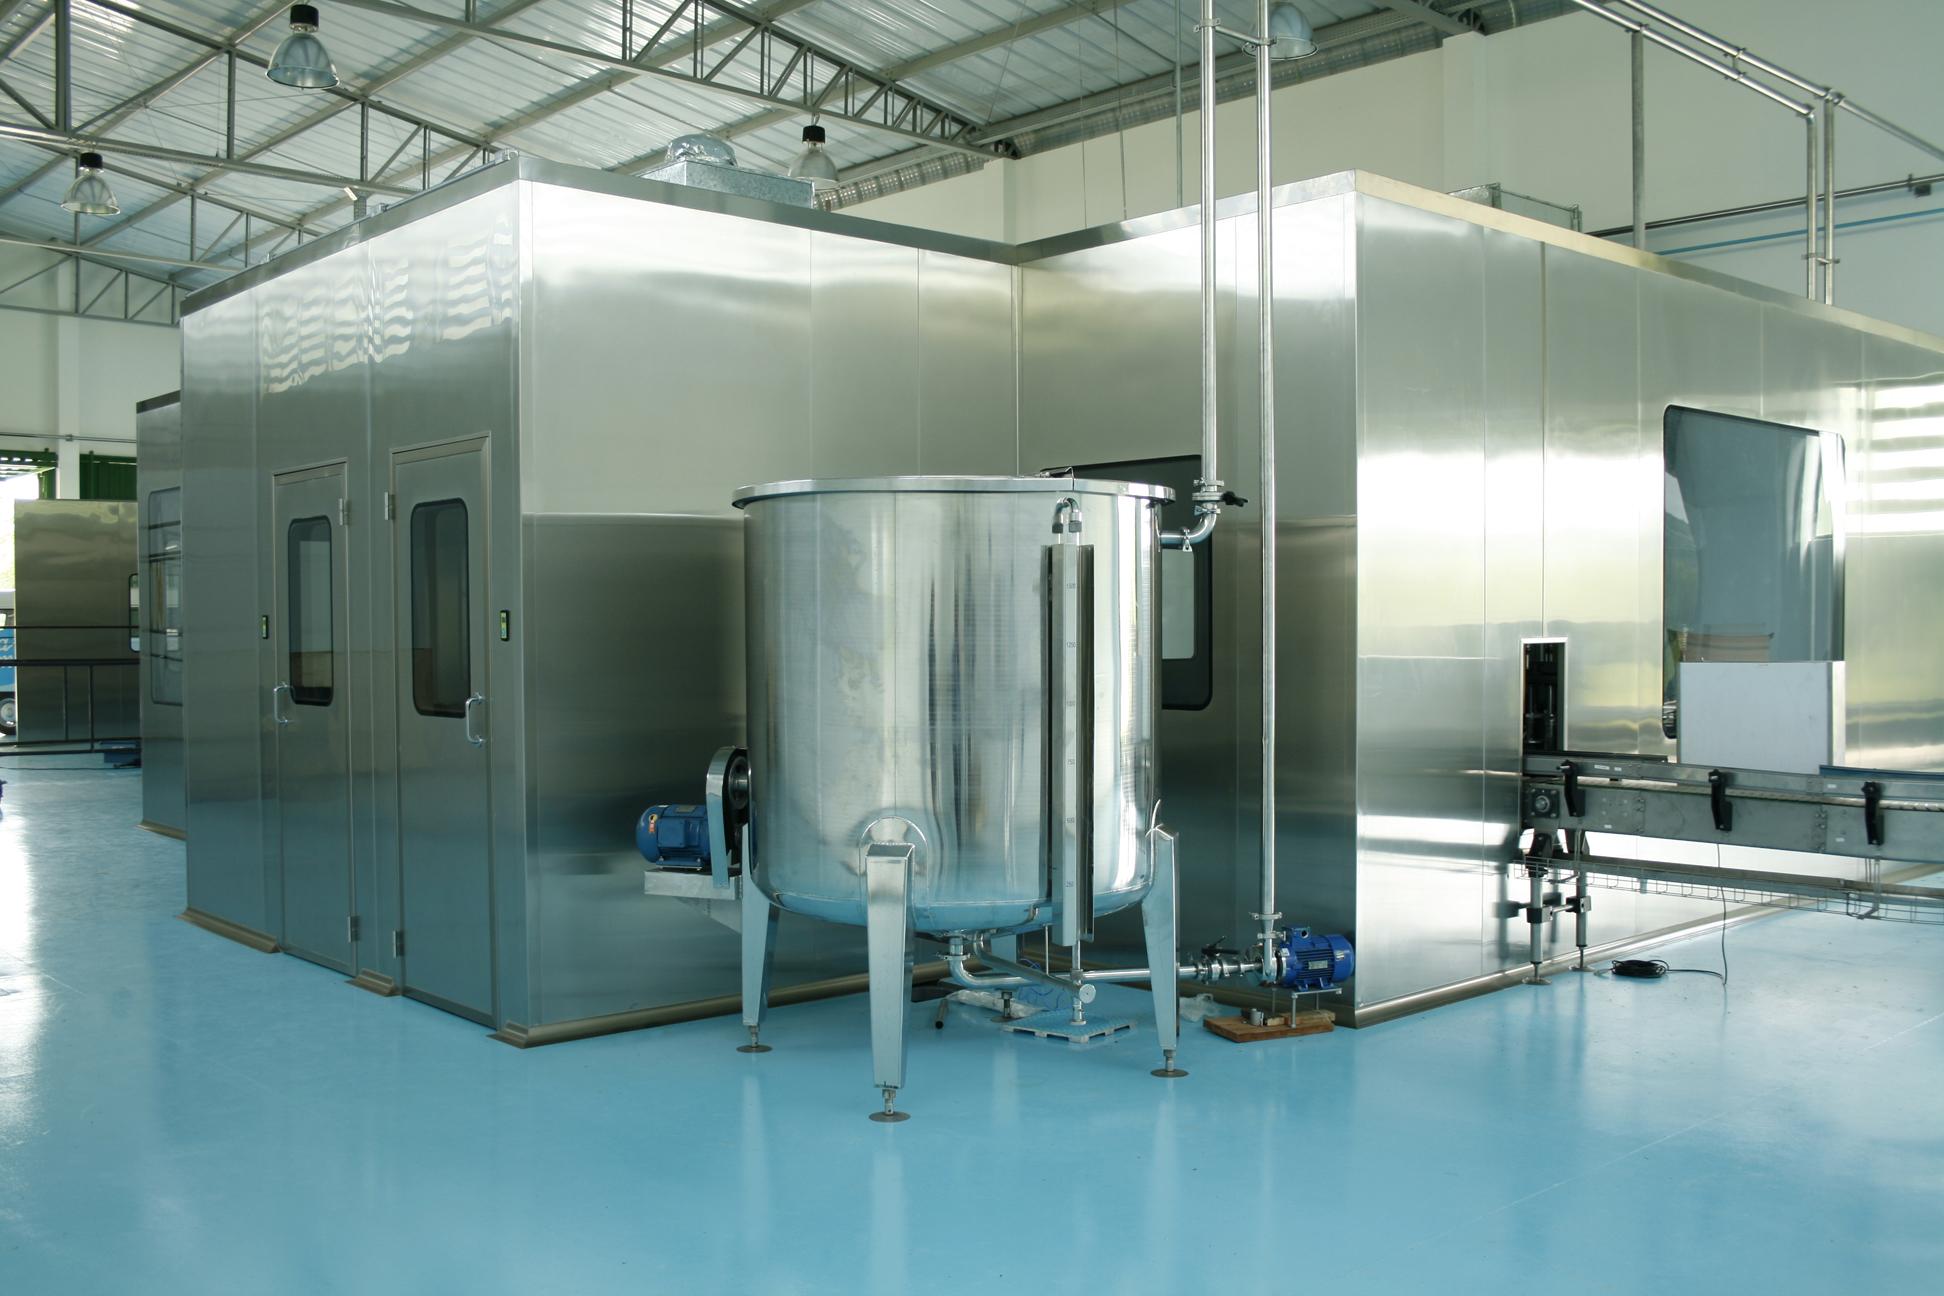 Maquina de envase adam rs - Maquina de agua ...